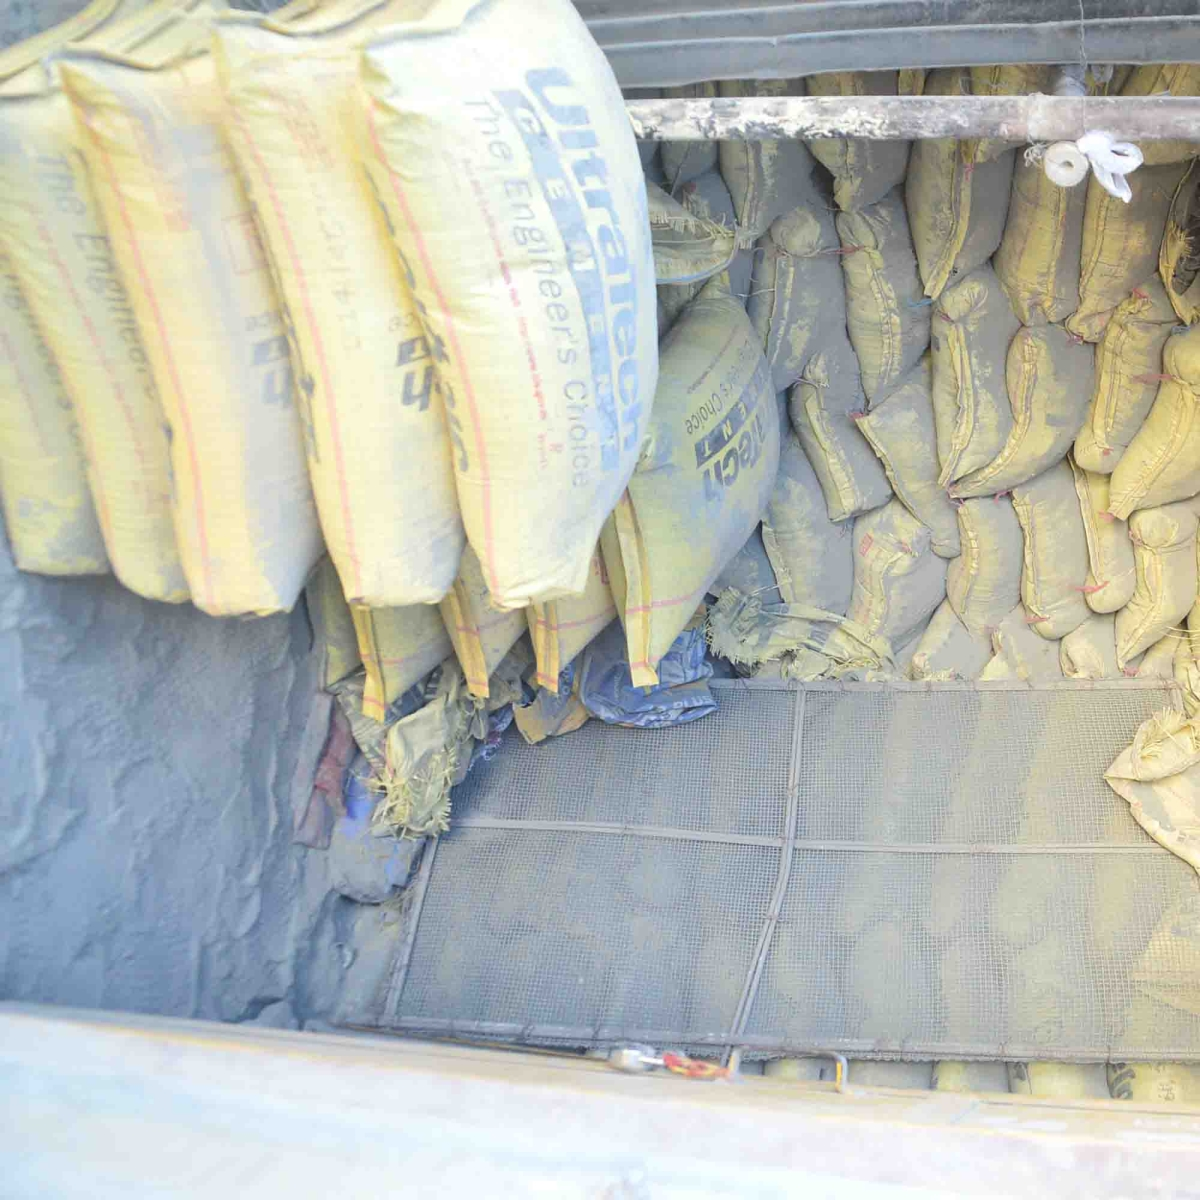 CCI initiates probe against cement majors in India